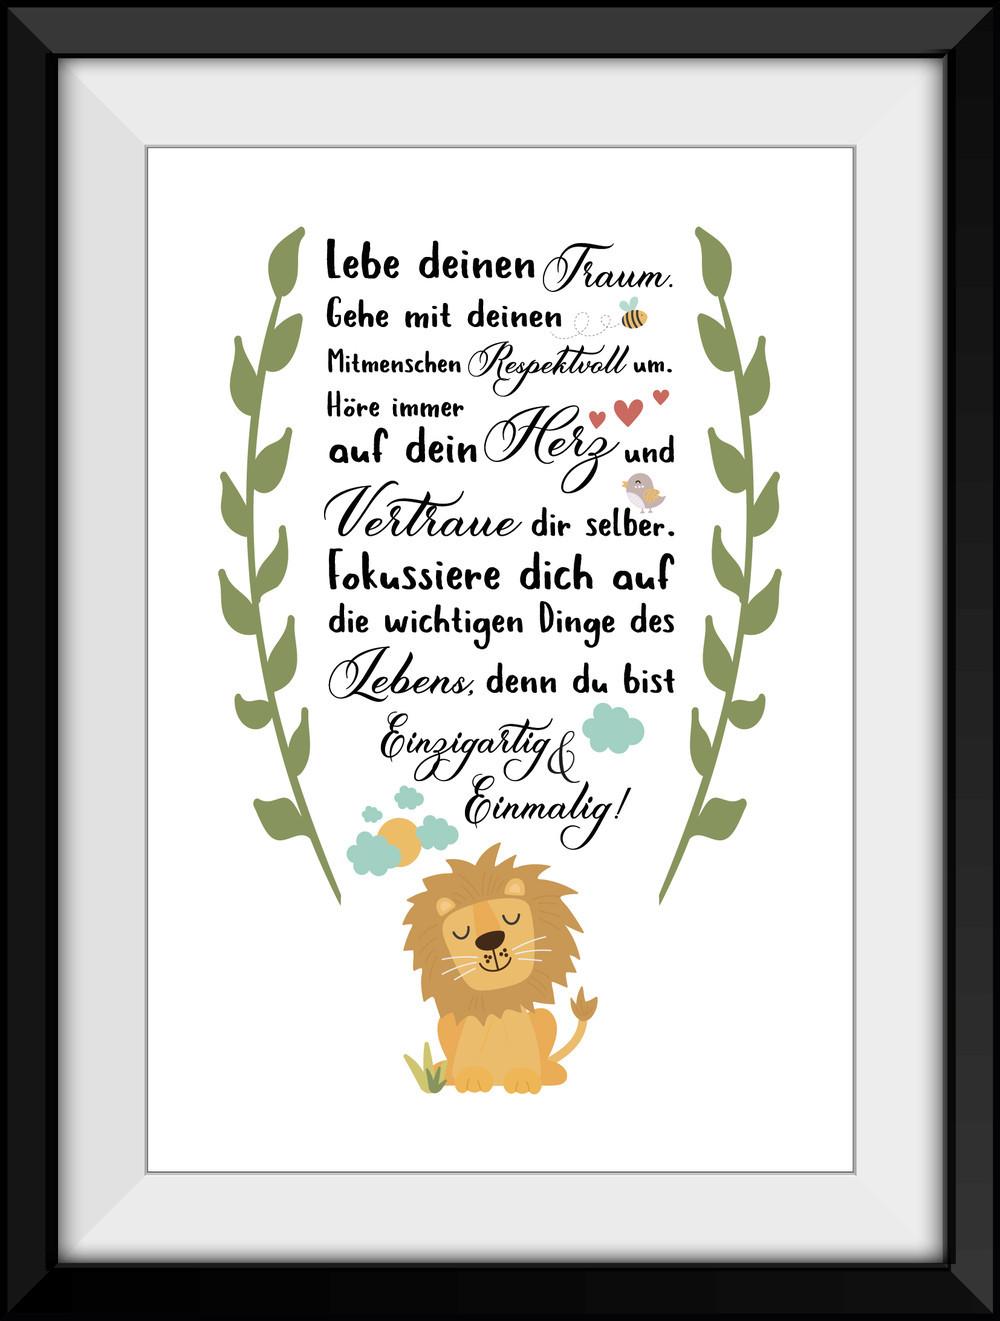 Geburtstagswünsche Zum 1 Geburtstag Von Den Großeltern  Digitaldruck Kunstdruck LÖWE SPRUCH Fine Art Print DIN